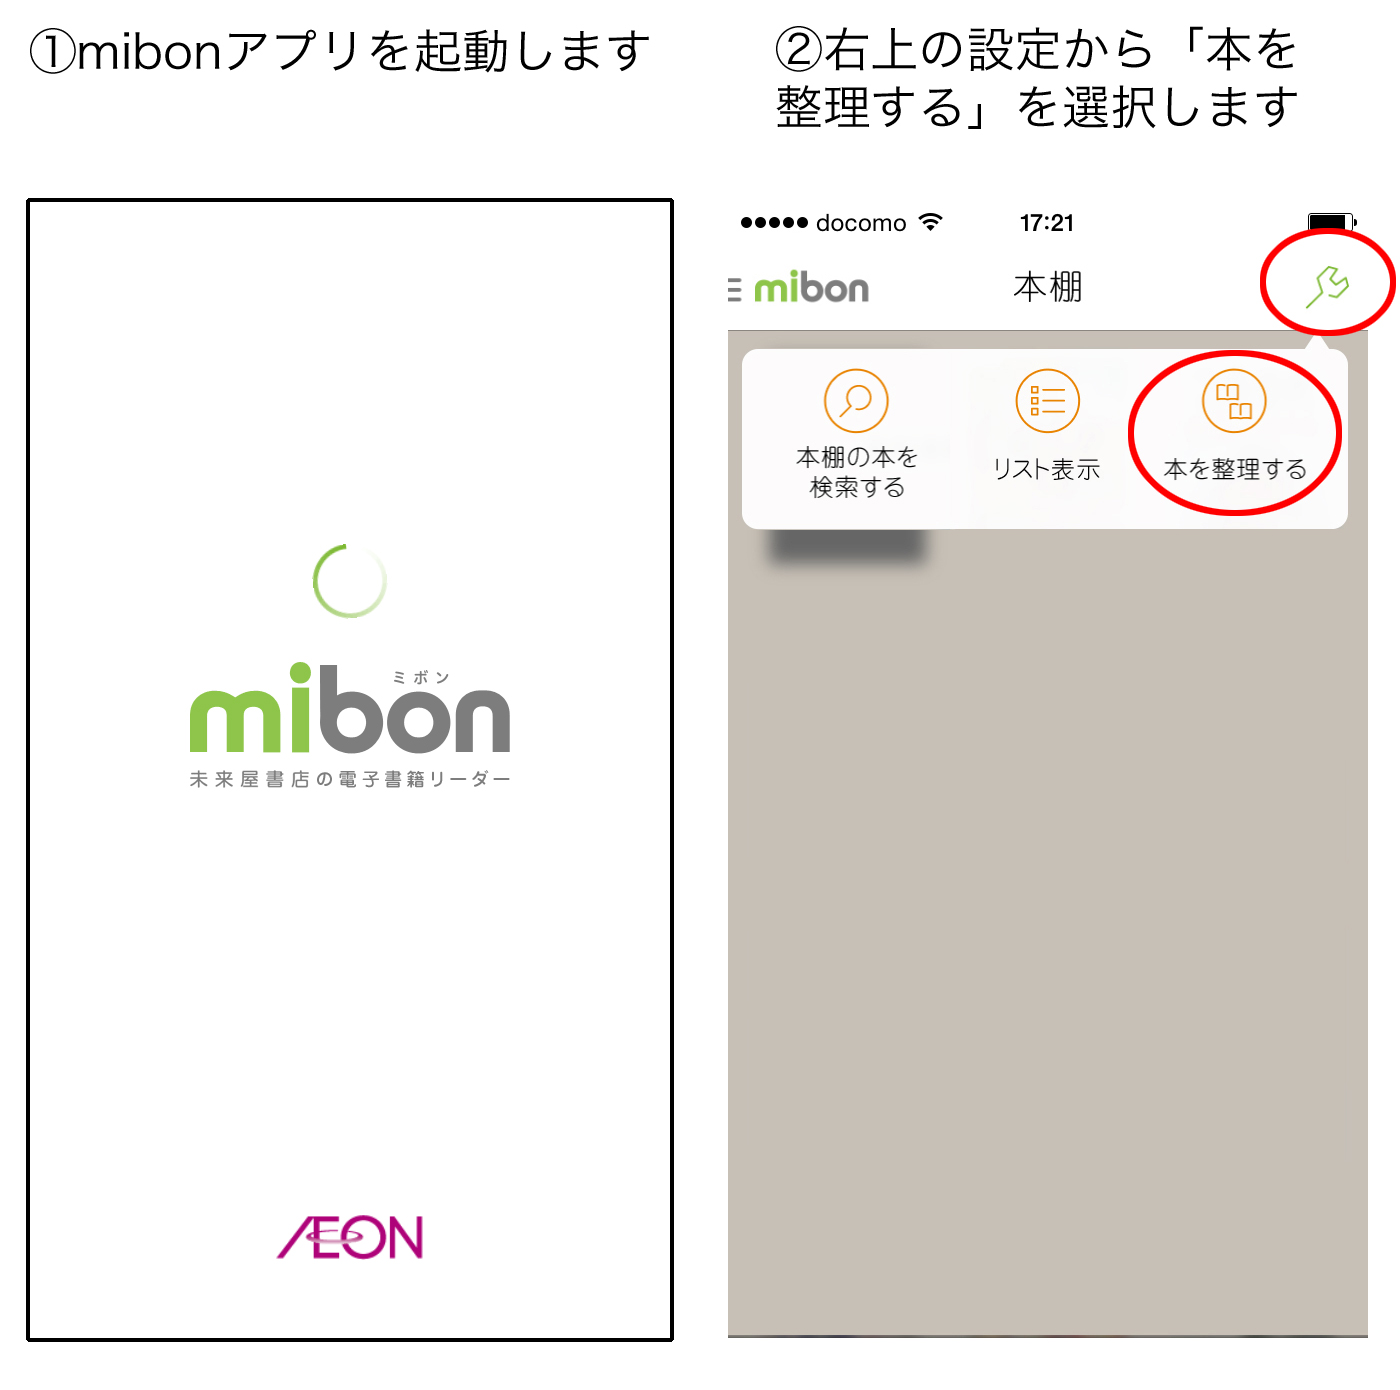 mibon(ミボン) でんぱーりーナイトdeパーリー